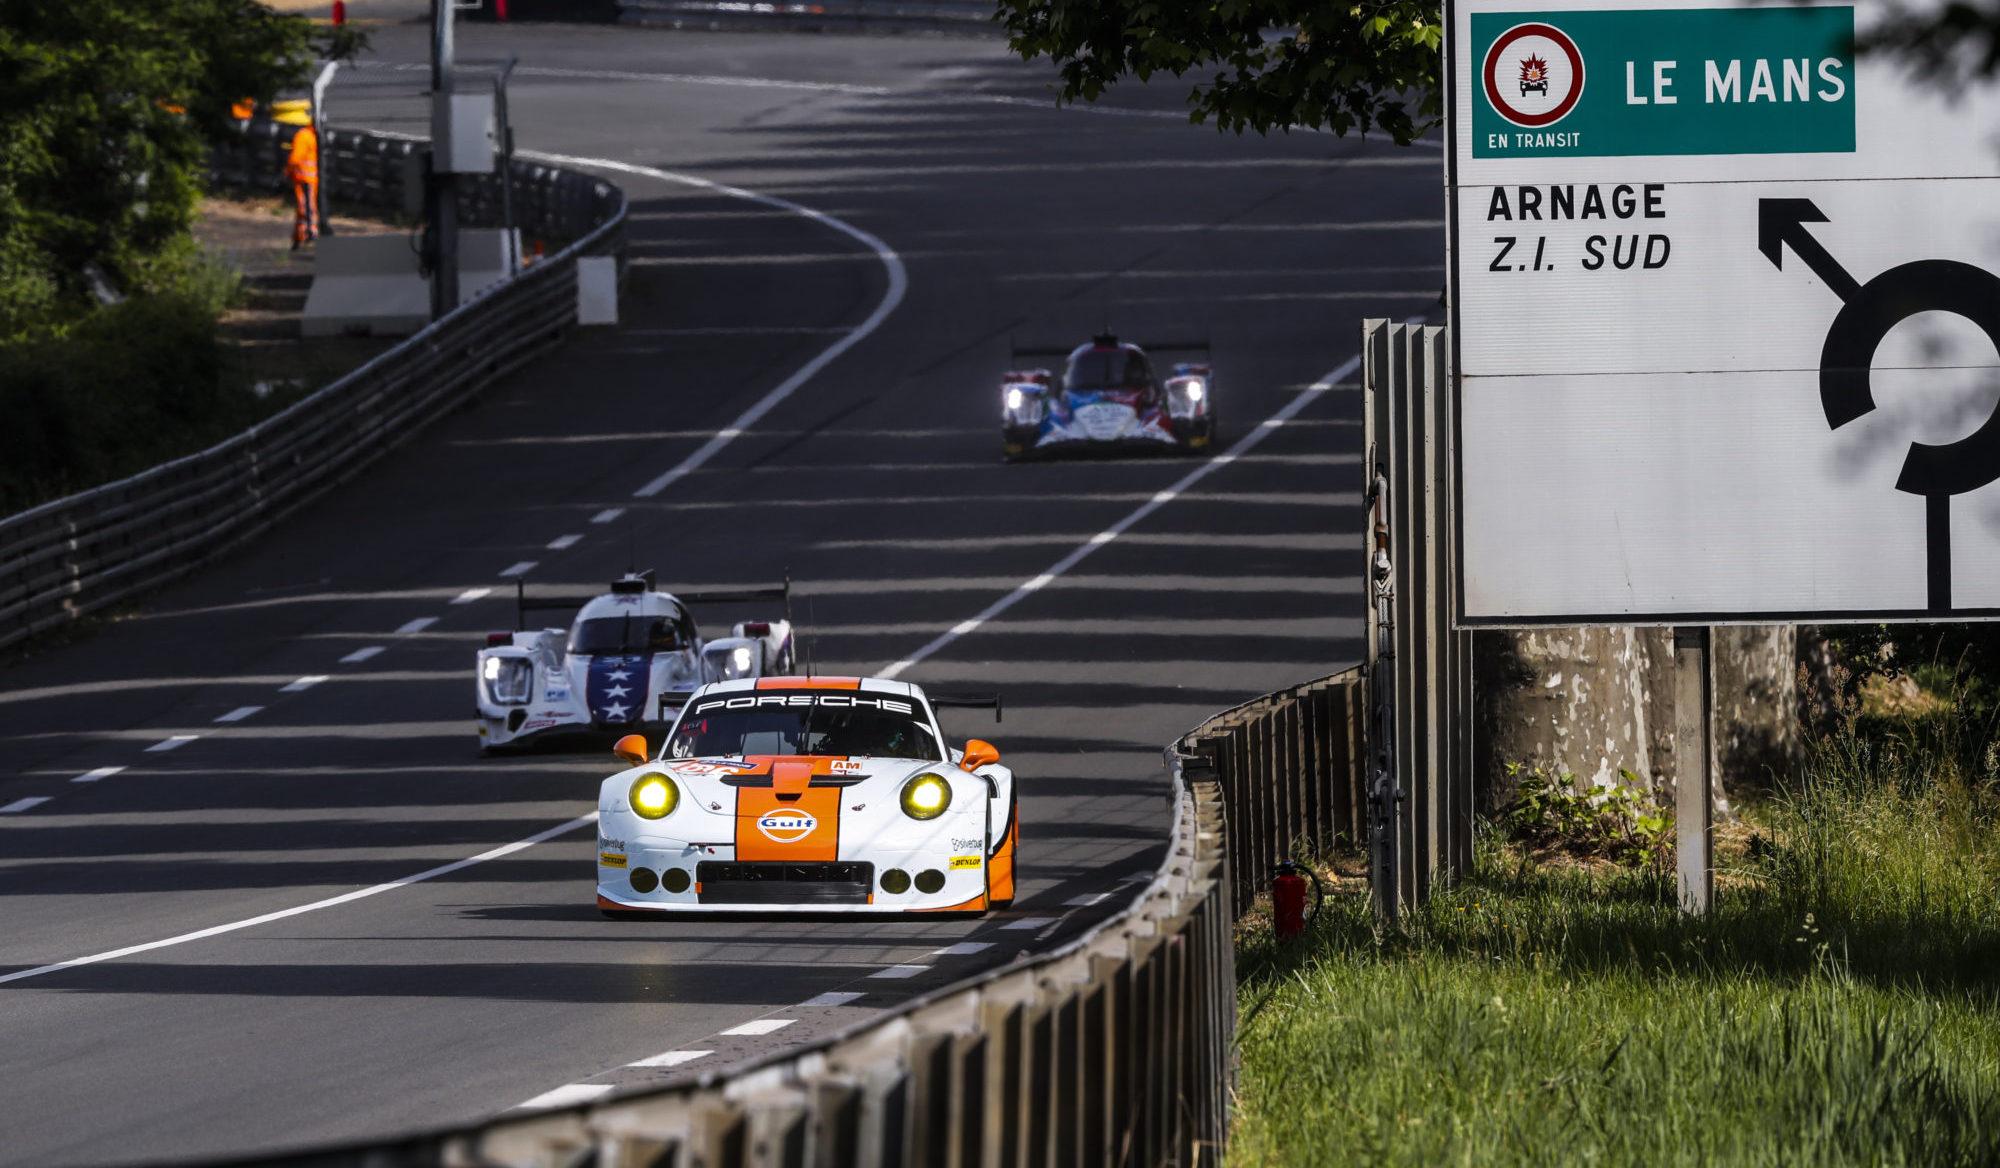 Vorschau 24 Stunden von Le Mans 2017: GTE-Am und Rahmenprogramm - Racingblog